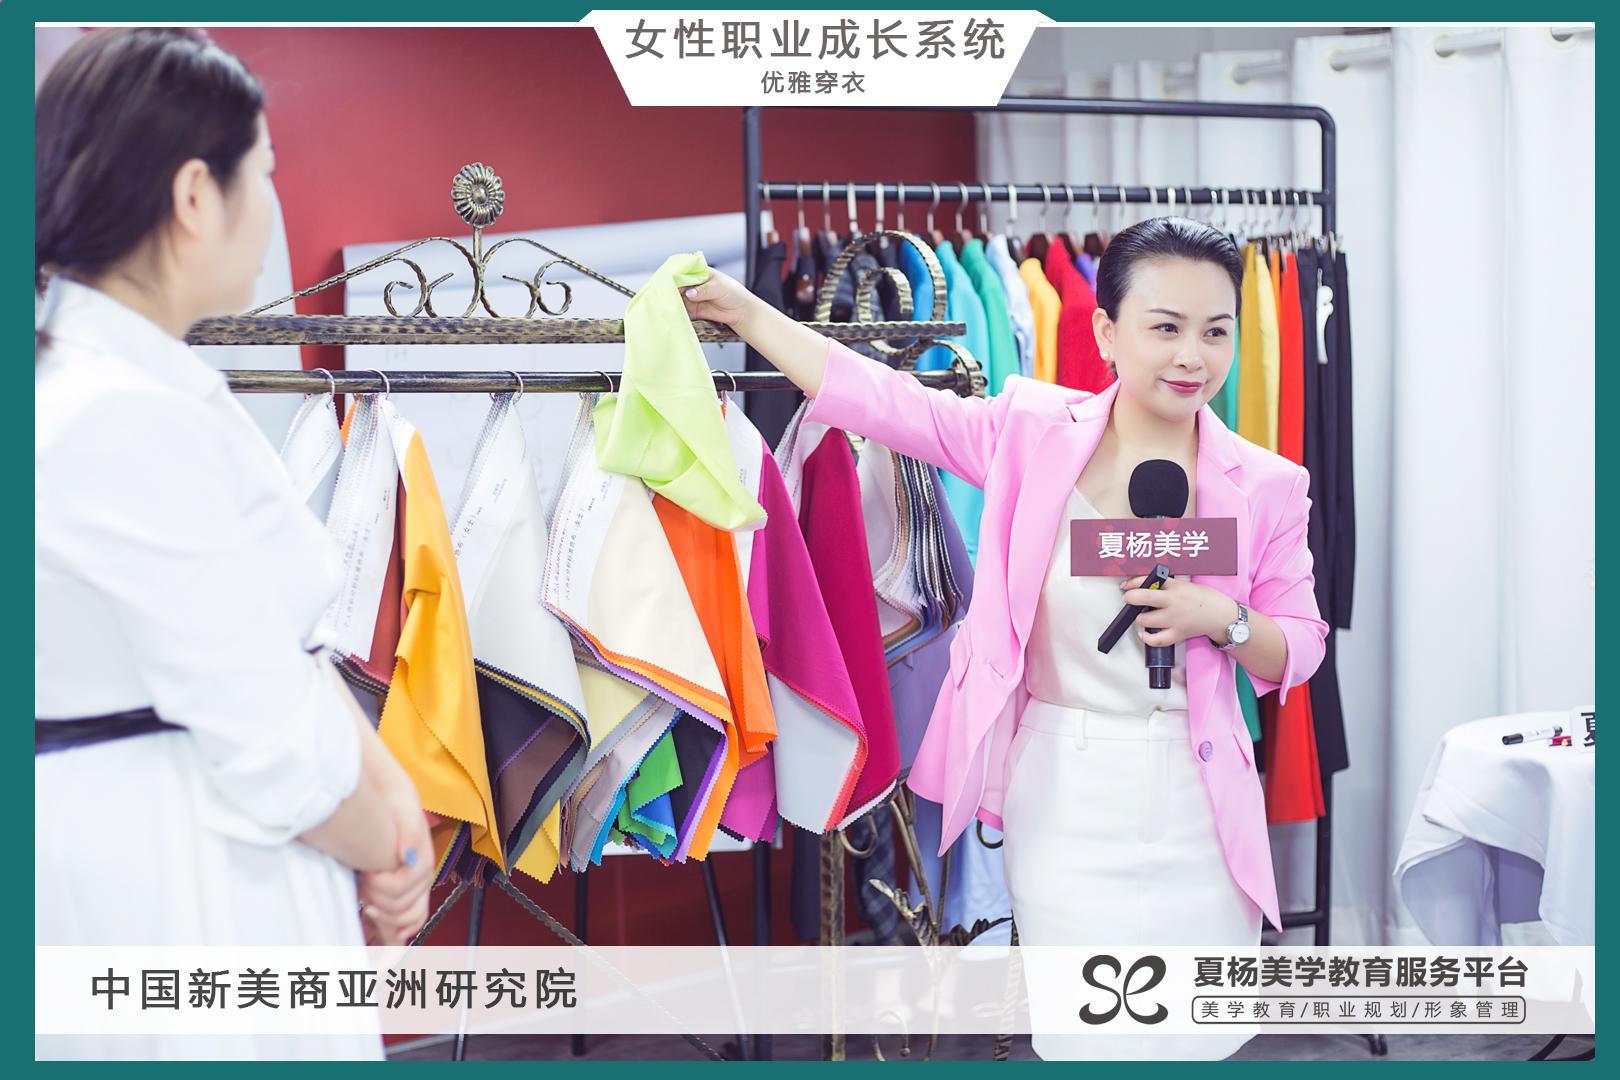 夏杨美学教育-优雅穿衣课程回顾